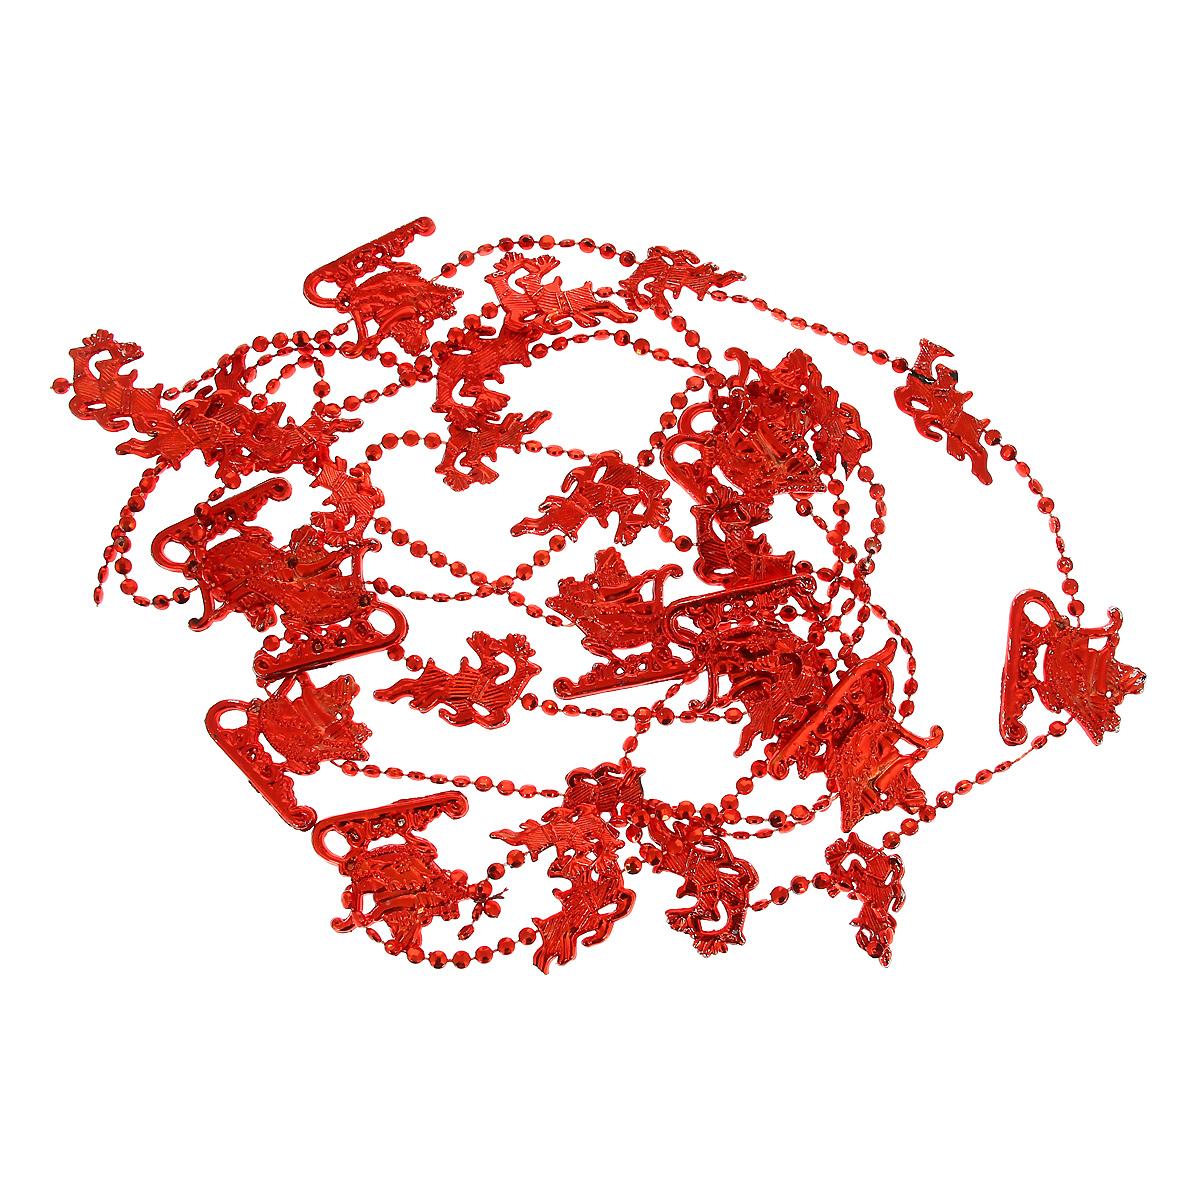 Новогодняя гирлянда Сани, цвет: красный, 270 см. 3446319201Новогодняя гирлянда прекрасно подойдет для декора дома или офиса. Украшение выполнено из разноцветной металлизированной фольги. С помощью специальных петелек гирлянду можно повесить в любом понравившемся вам месте. Украшение легко складывается и раскладывается. Новогодние украшения несут в себе волшебство и красоту праздника. Они помогут вам украсить дом к предстоящим праздникам и оживить интерьер по вашему вкусу. Создайте в доме атмосферу тепла, веселья и радости, украшая его всей семьей.